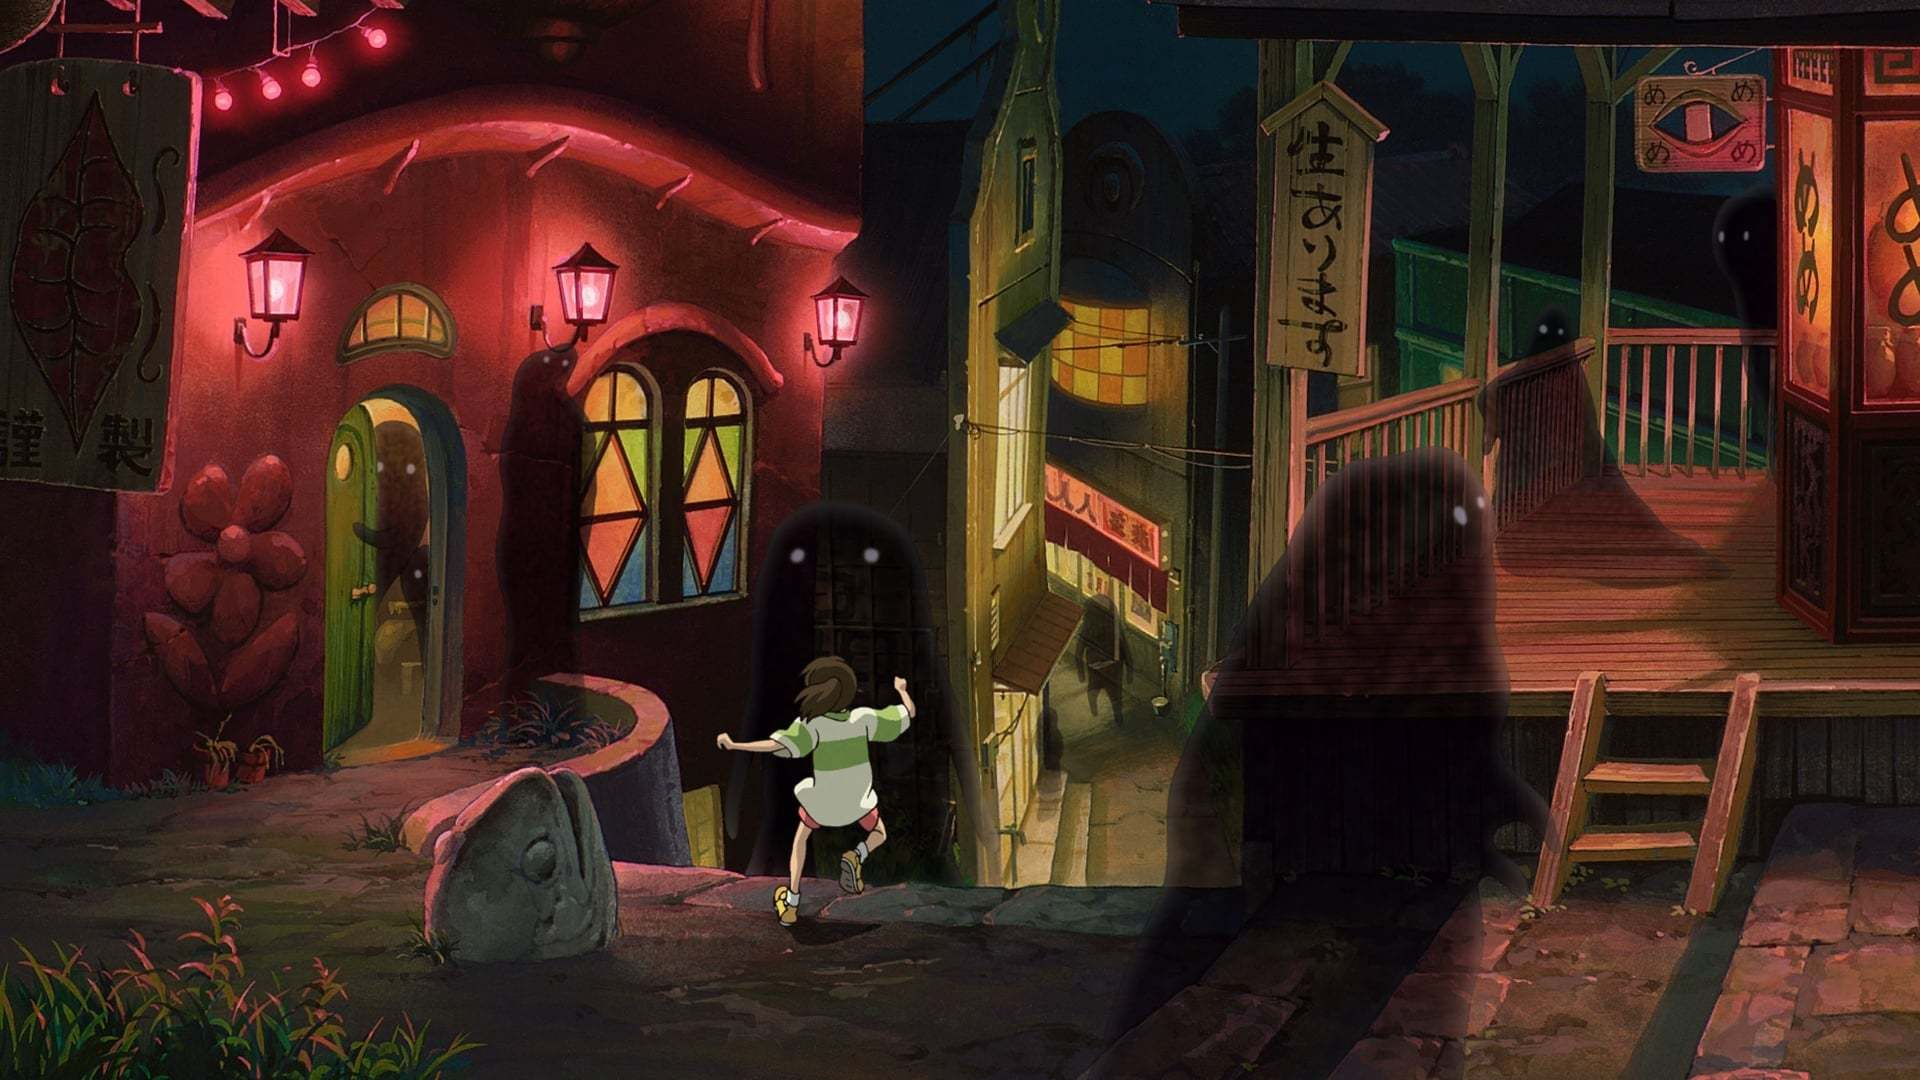 Кадры из фильма Унесённые призраками Sen to Chihiro no kamikakushi 2001